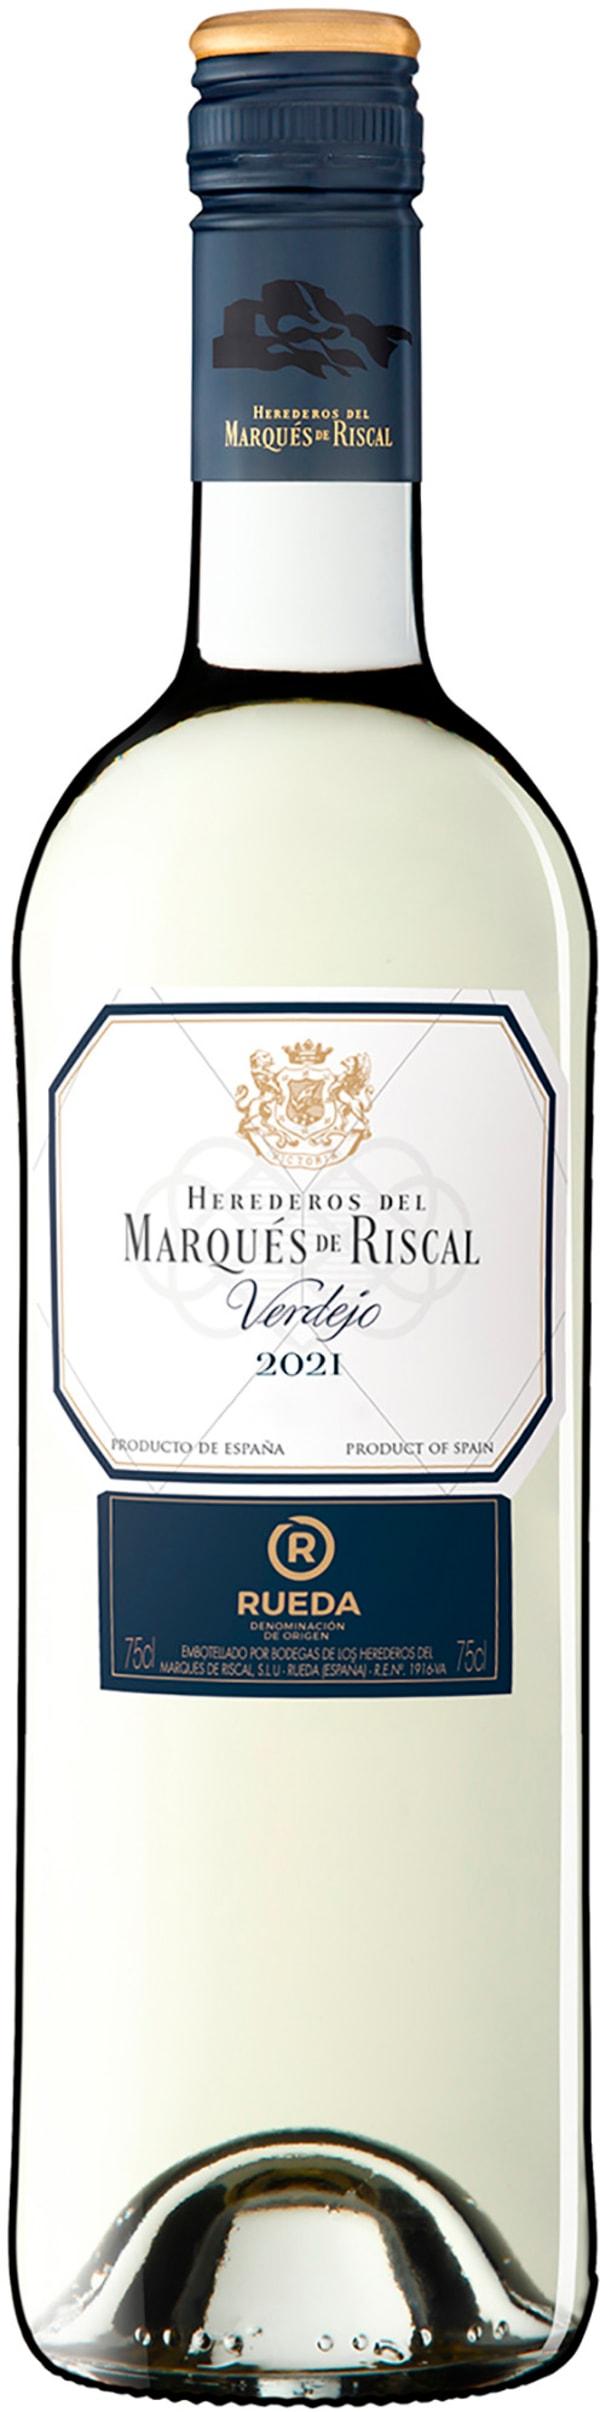 Marqués de Riscal Organic Verdejo 2019